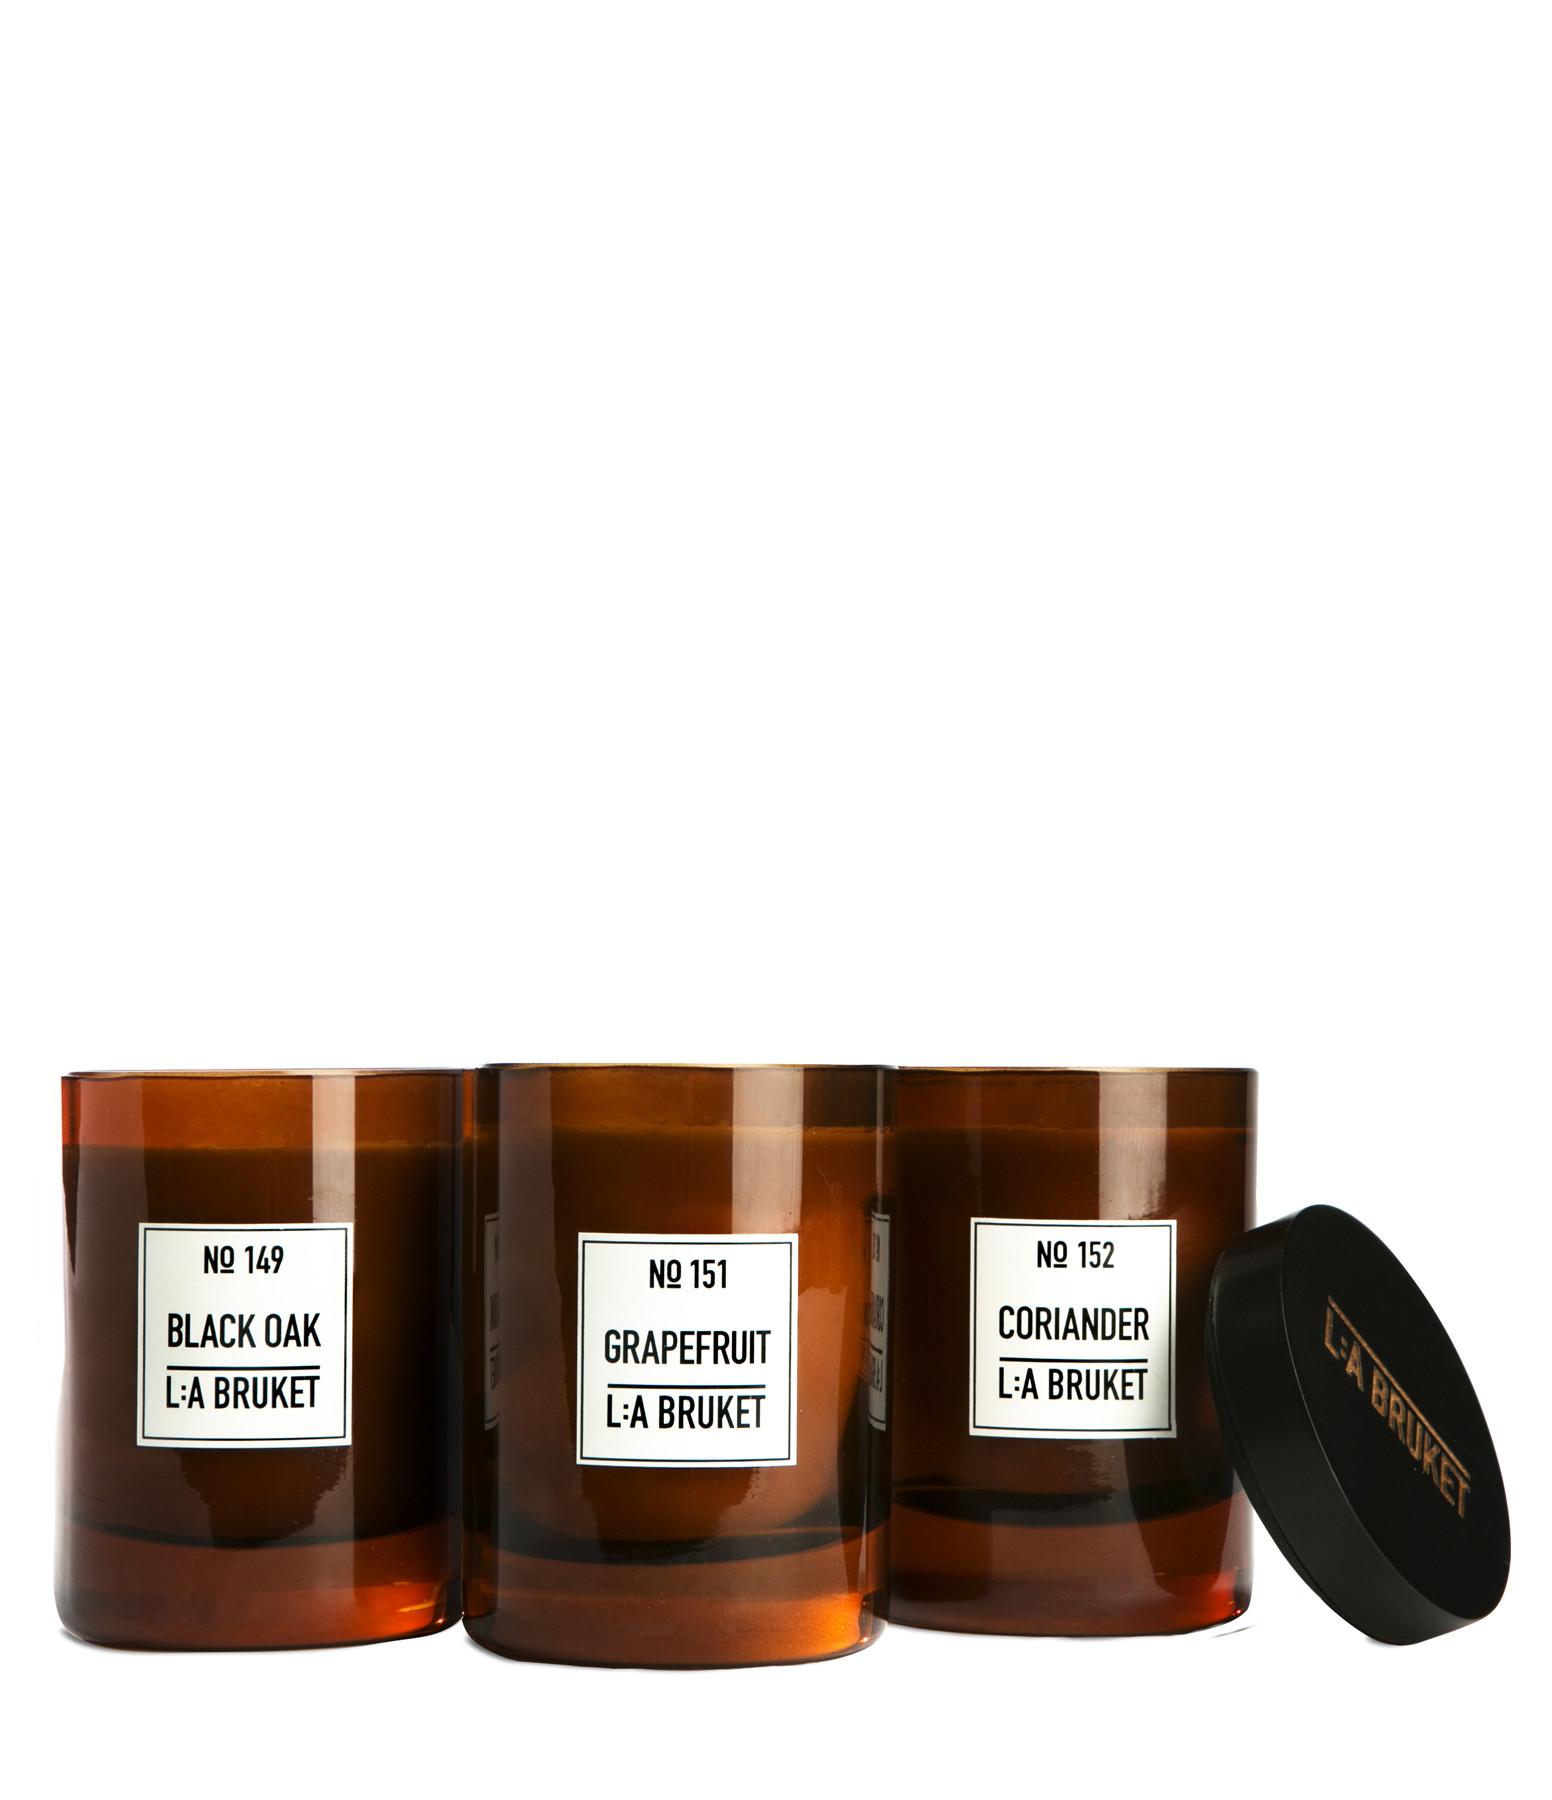 L:A BRUKET - Bougie Parfumée Pamplemousse 260g N°151